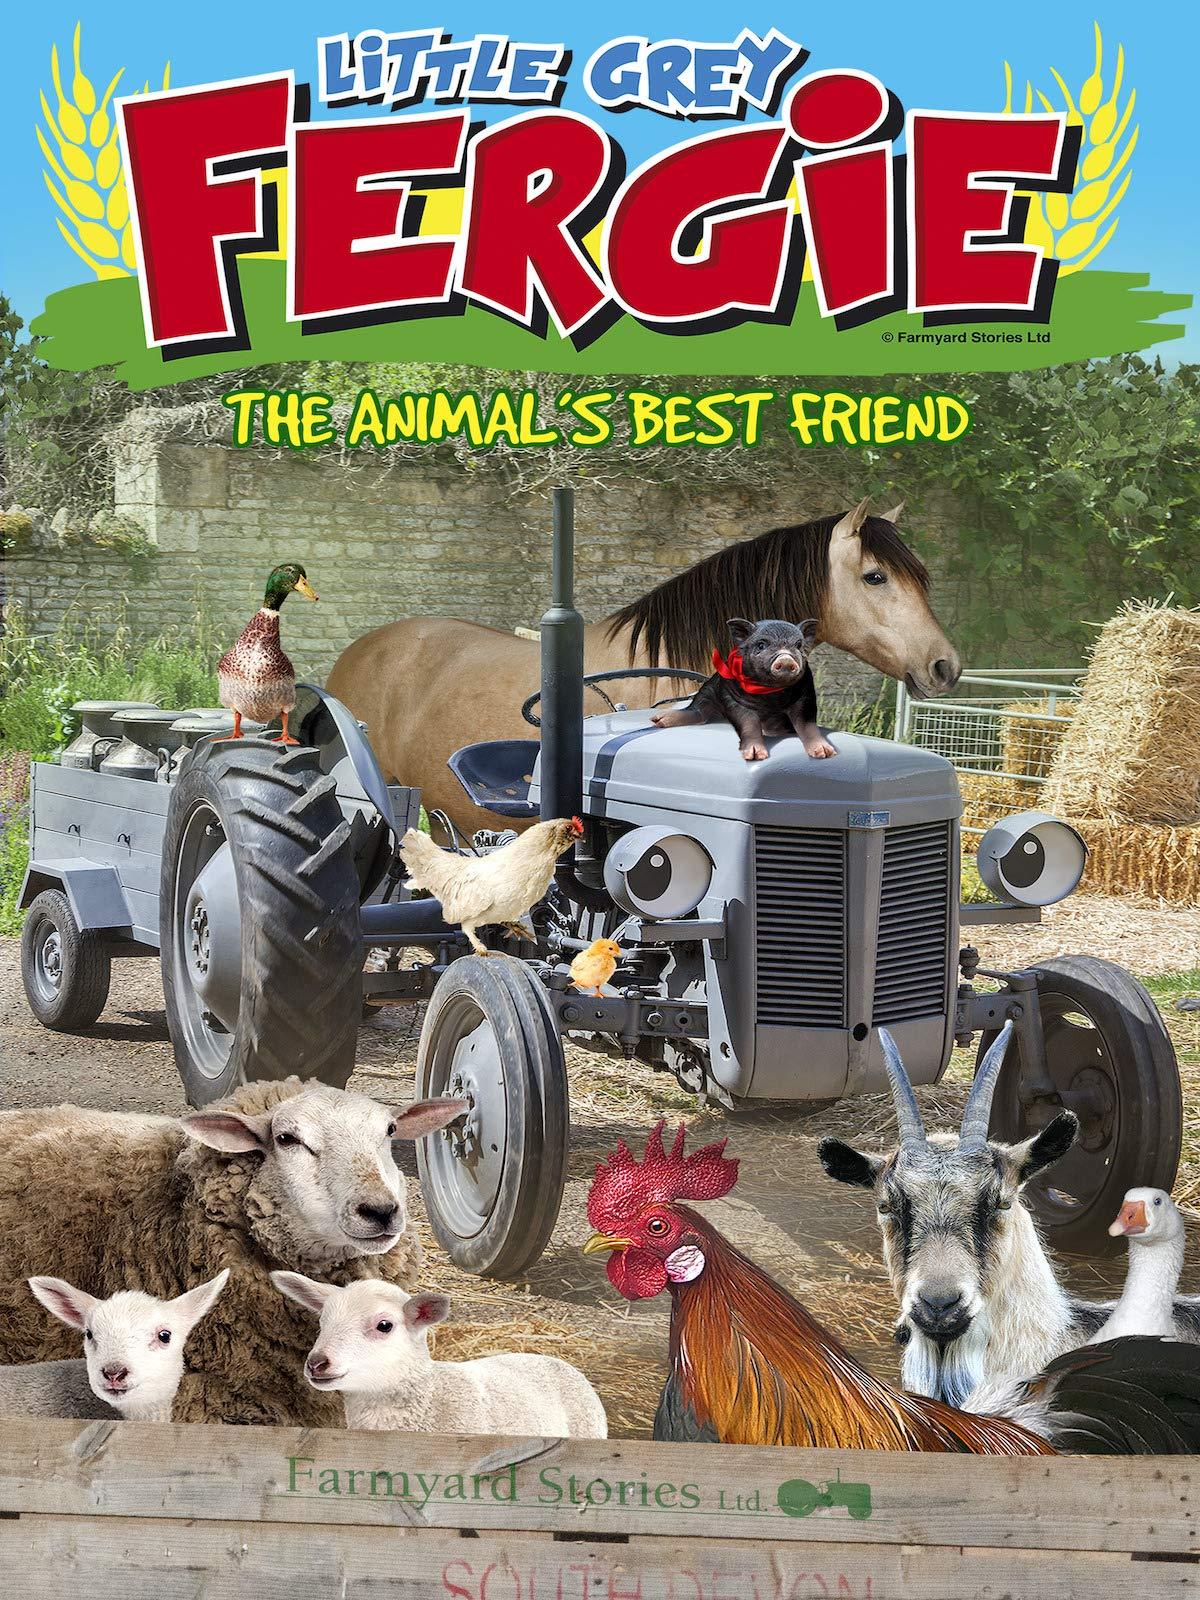 Little Grey Fergie: The Animal's Best Friend